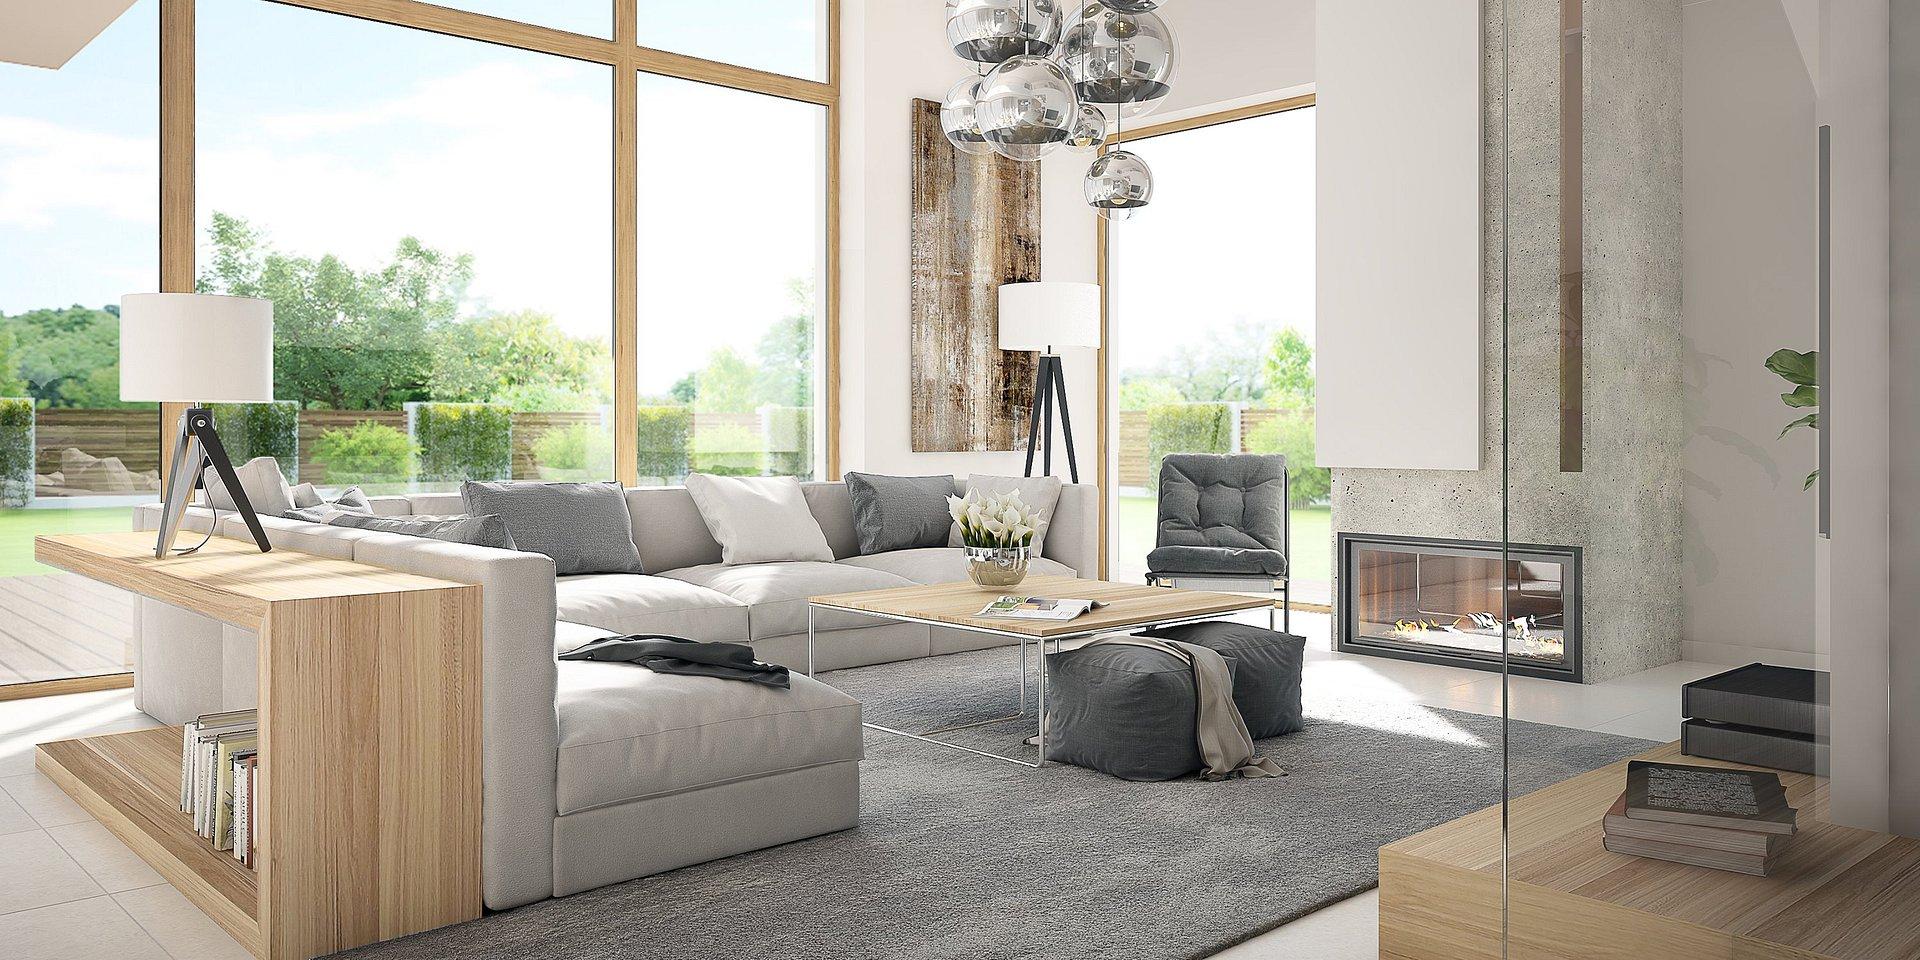 Mehr Platz für Entspannung mit Schiebefenstern